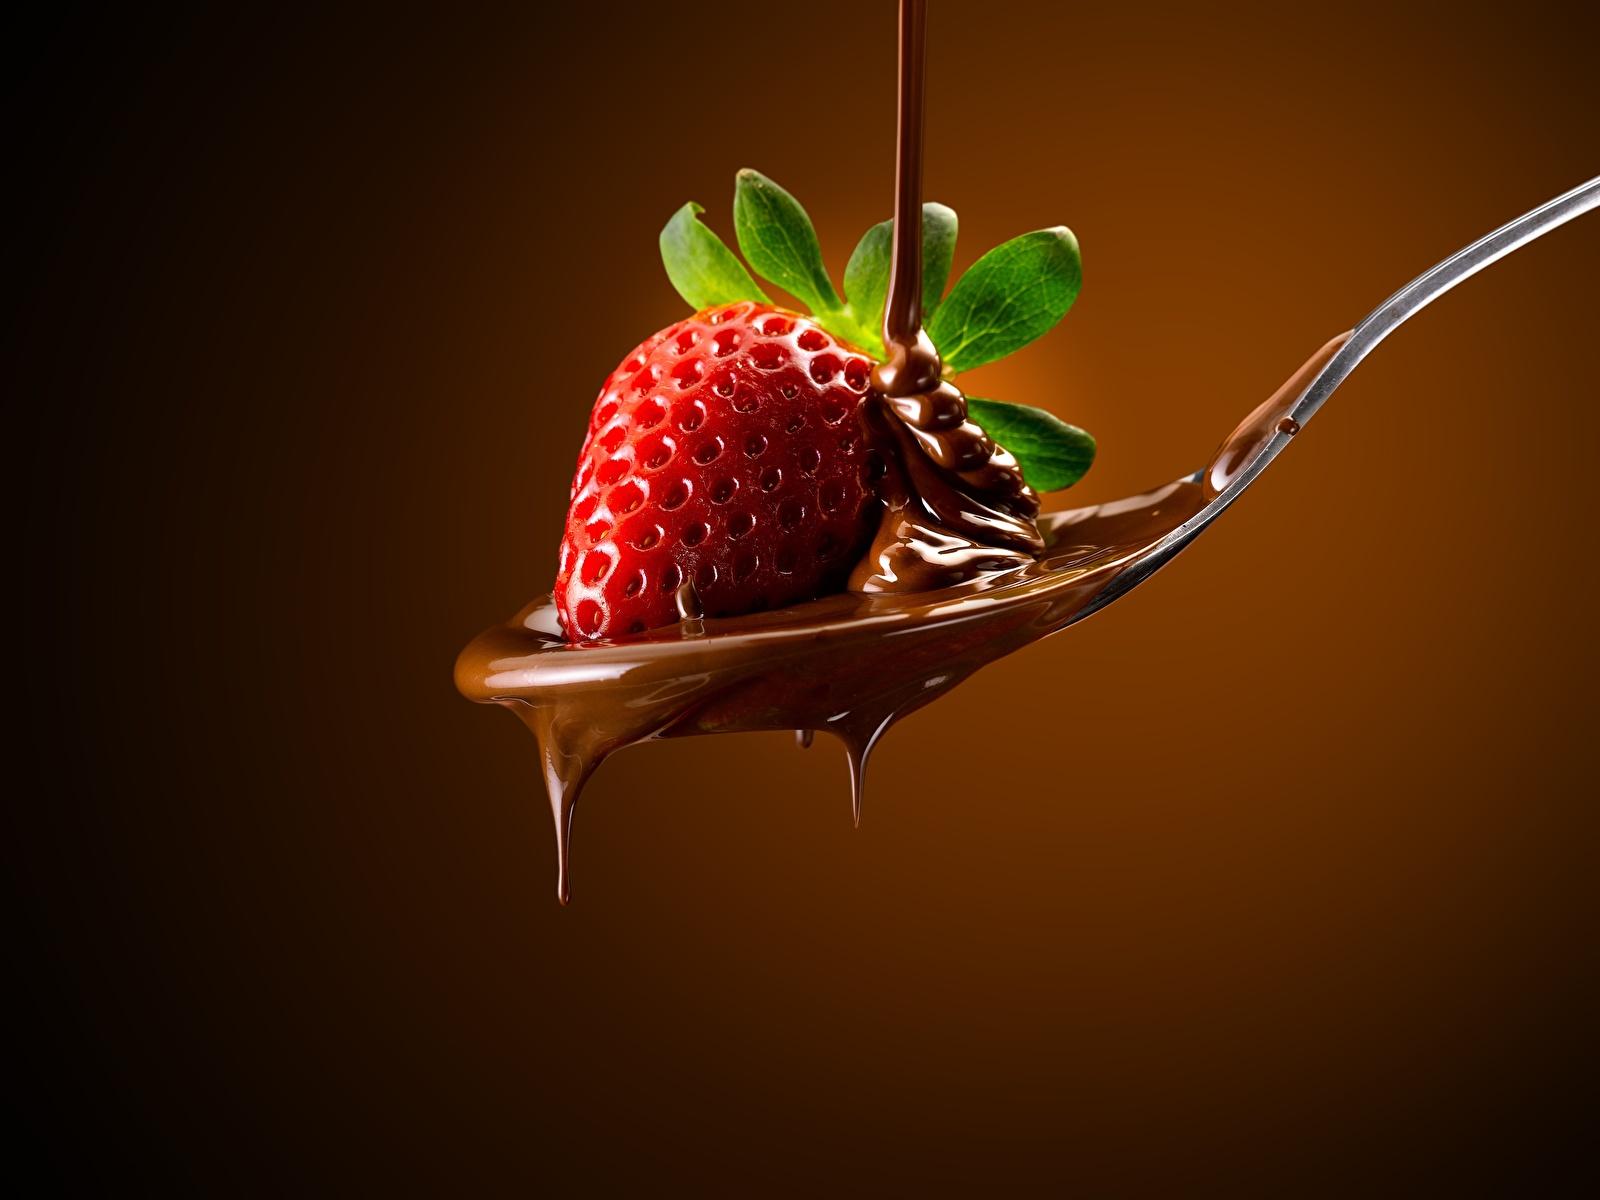 Fotos Schokolade Erdbeeren Löffel das Essen Farbigen hintergrund 1600x1200 Lebensmittel